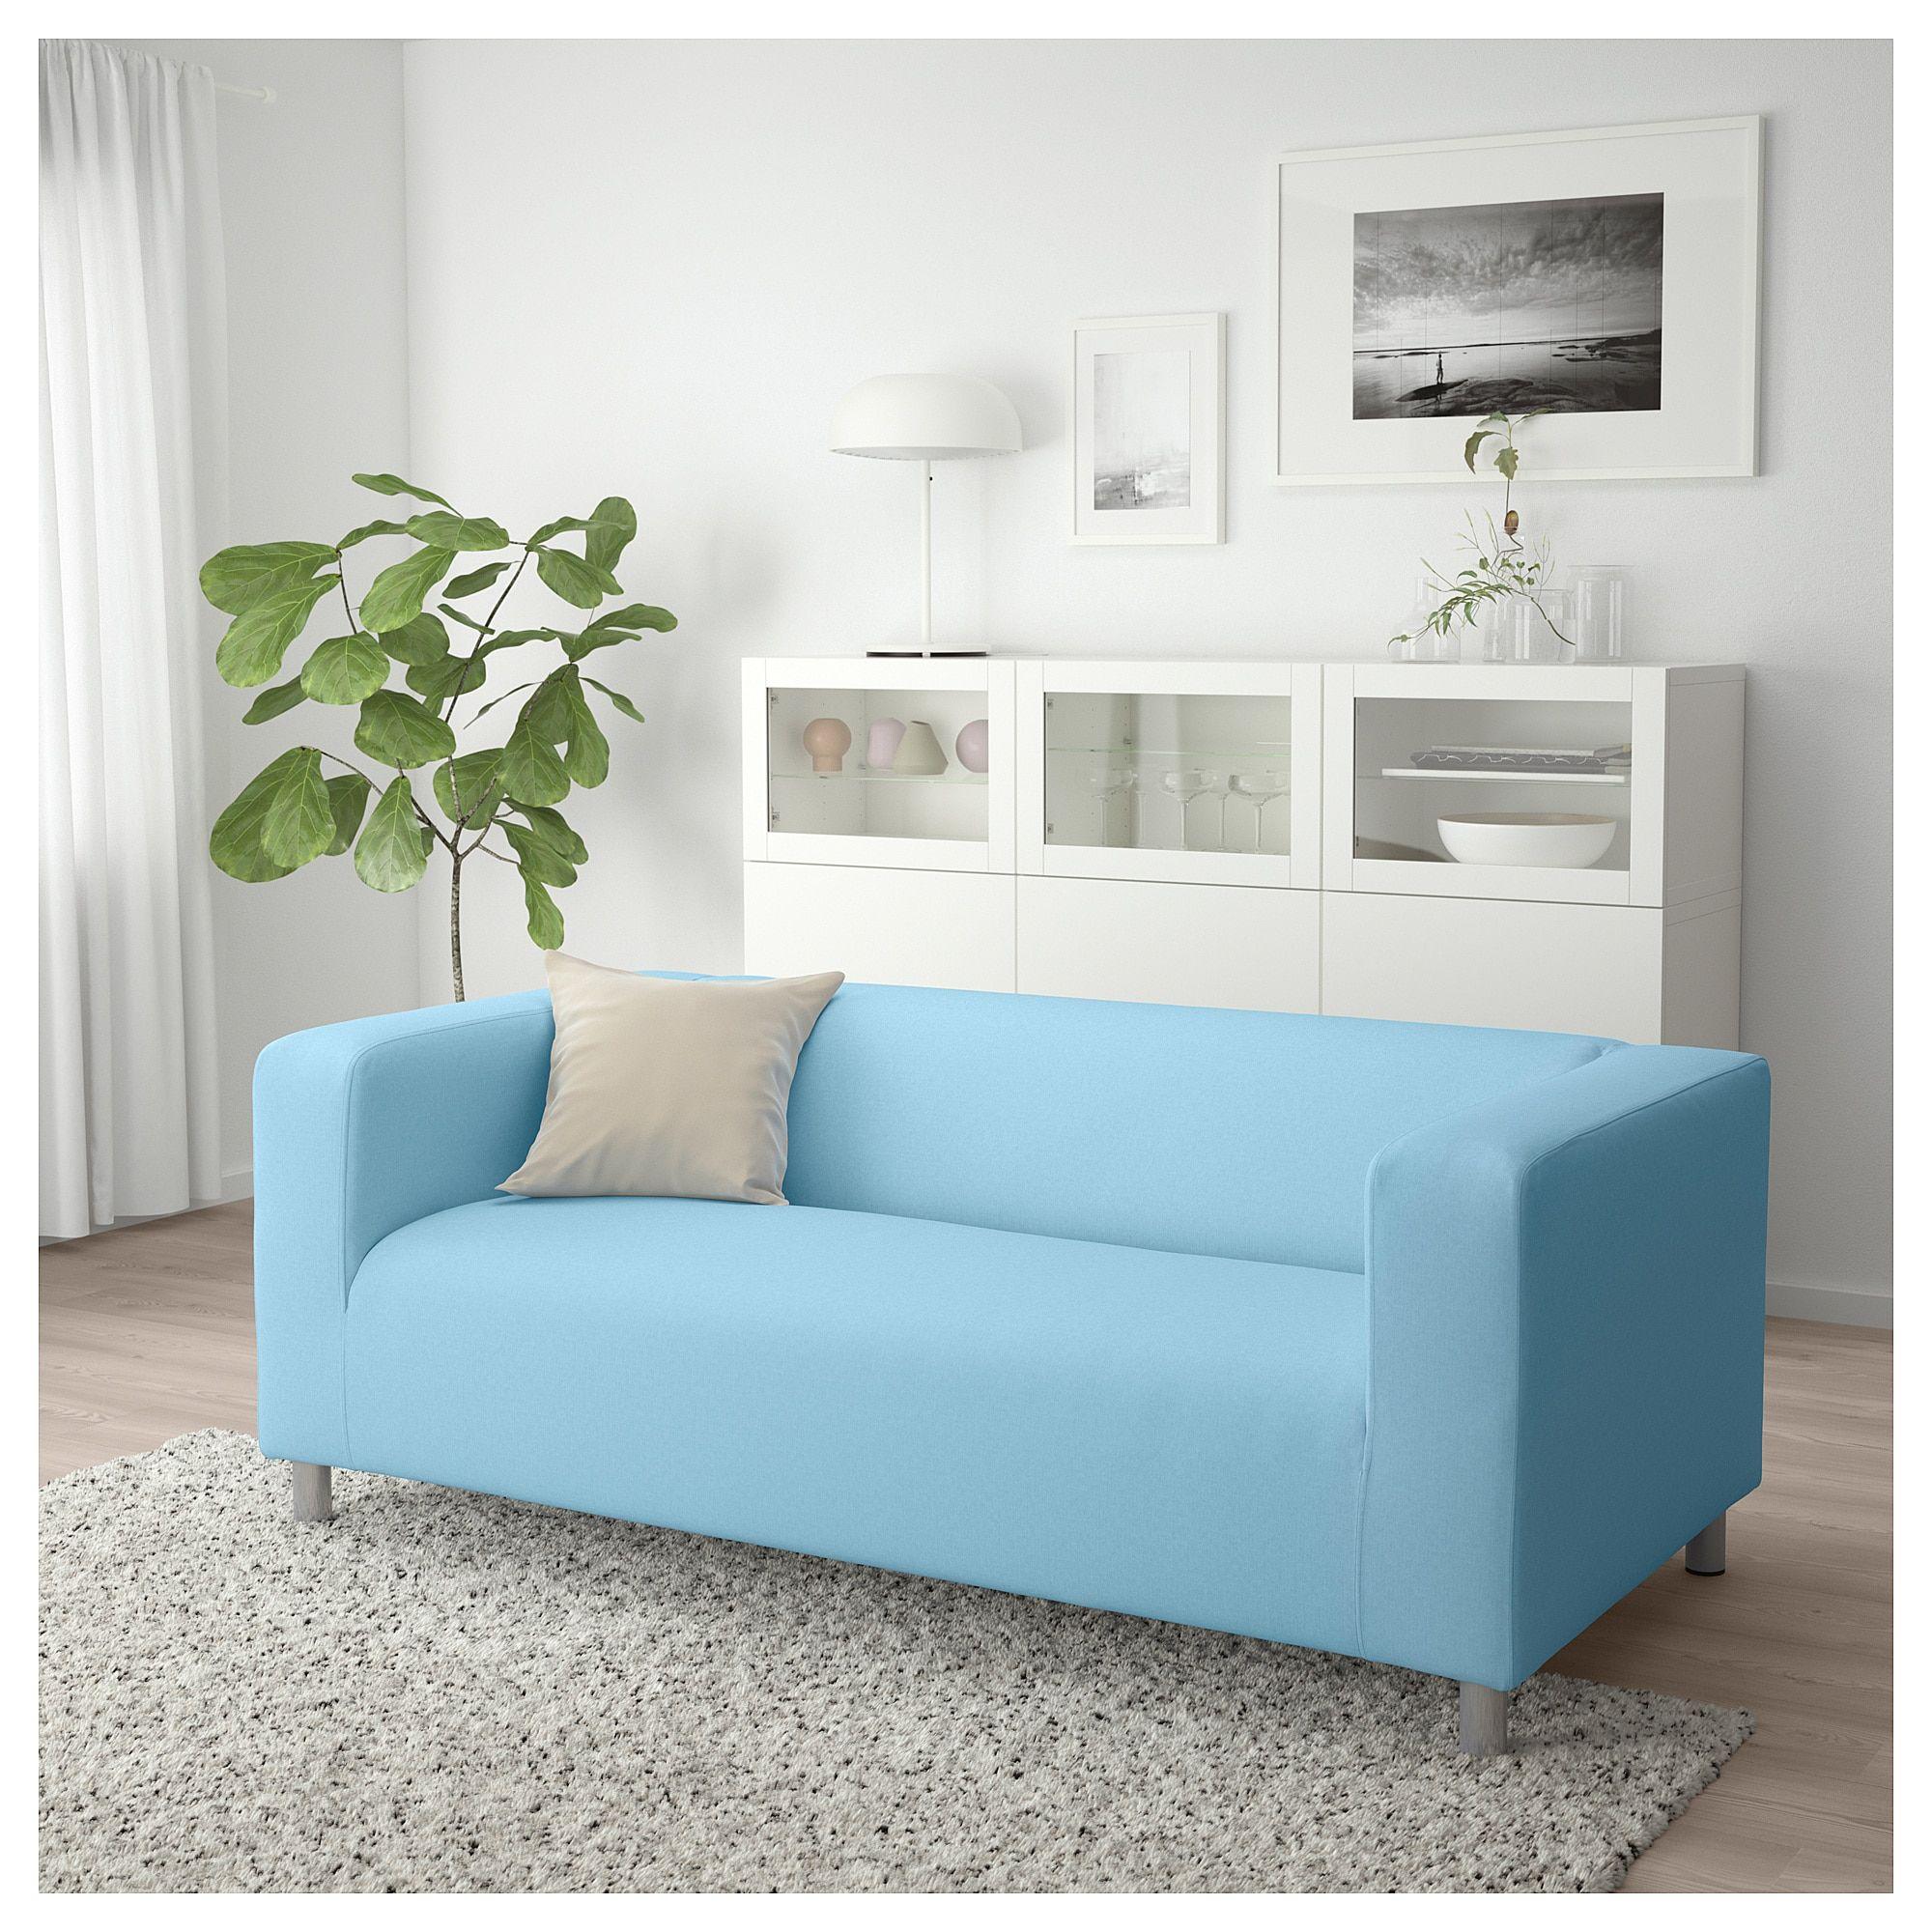 Ikea Klippan Loveseat Vissle Light